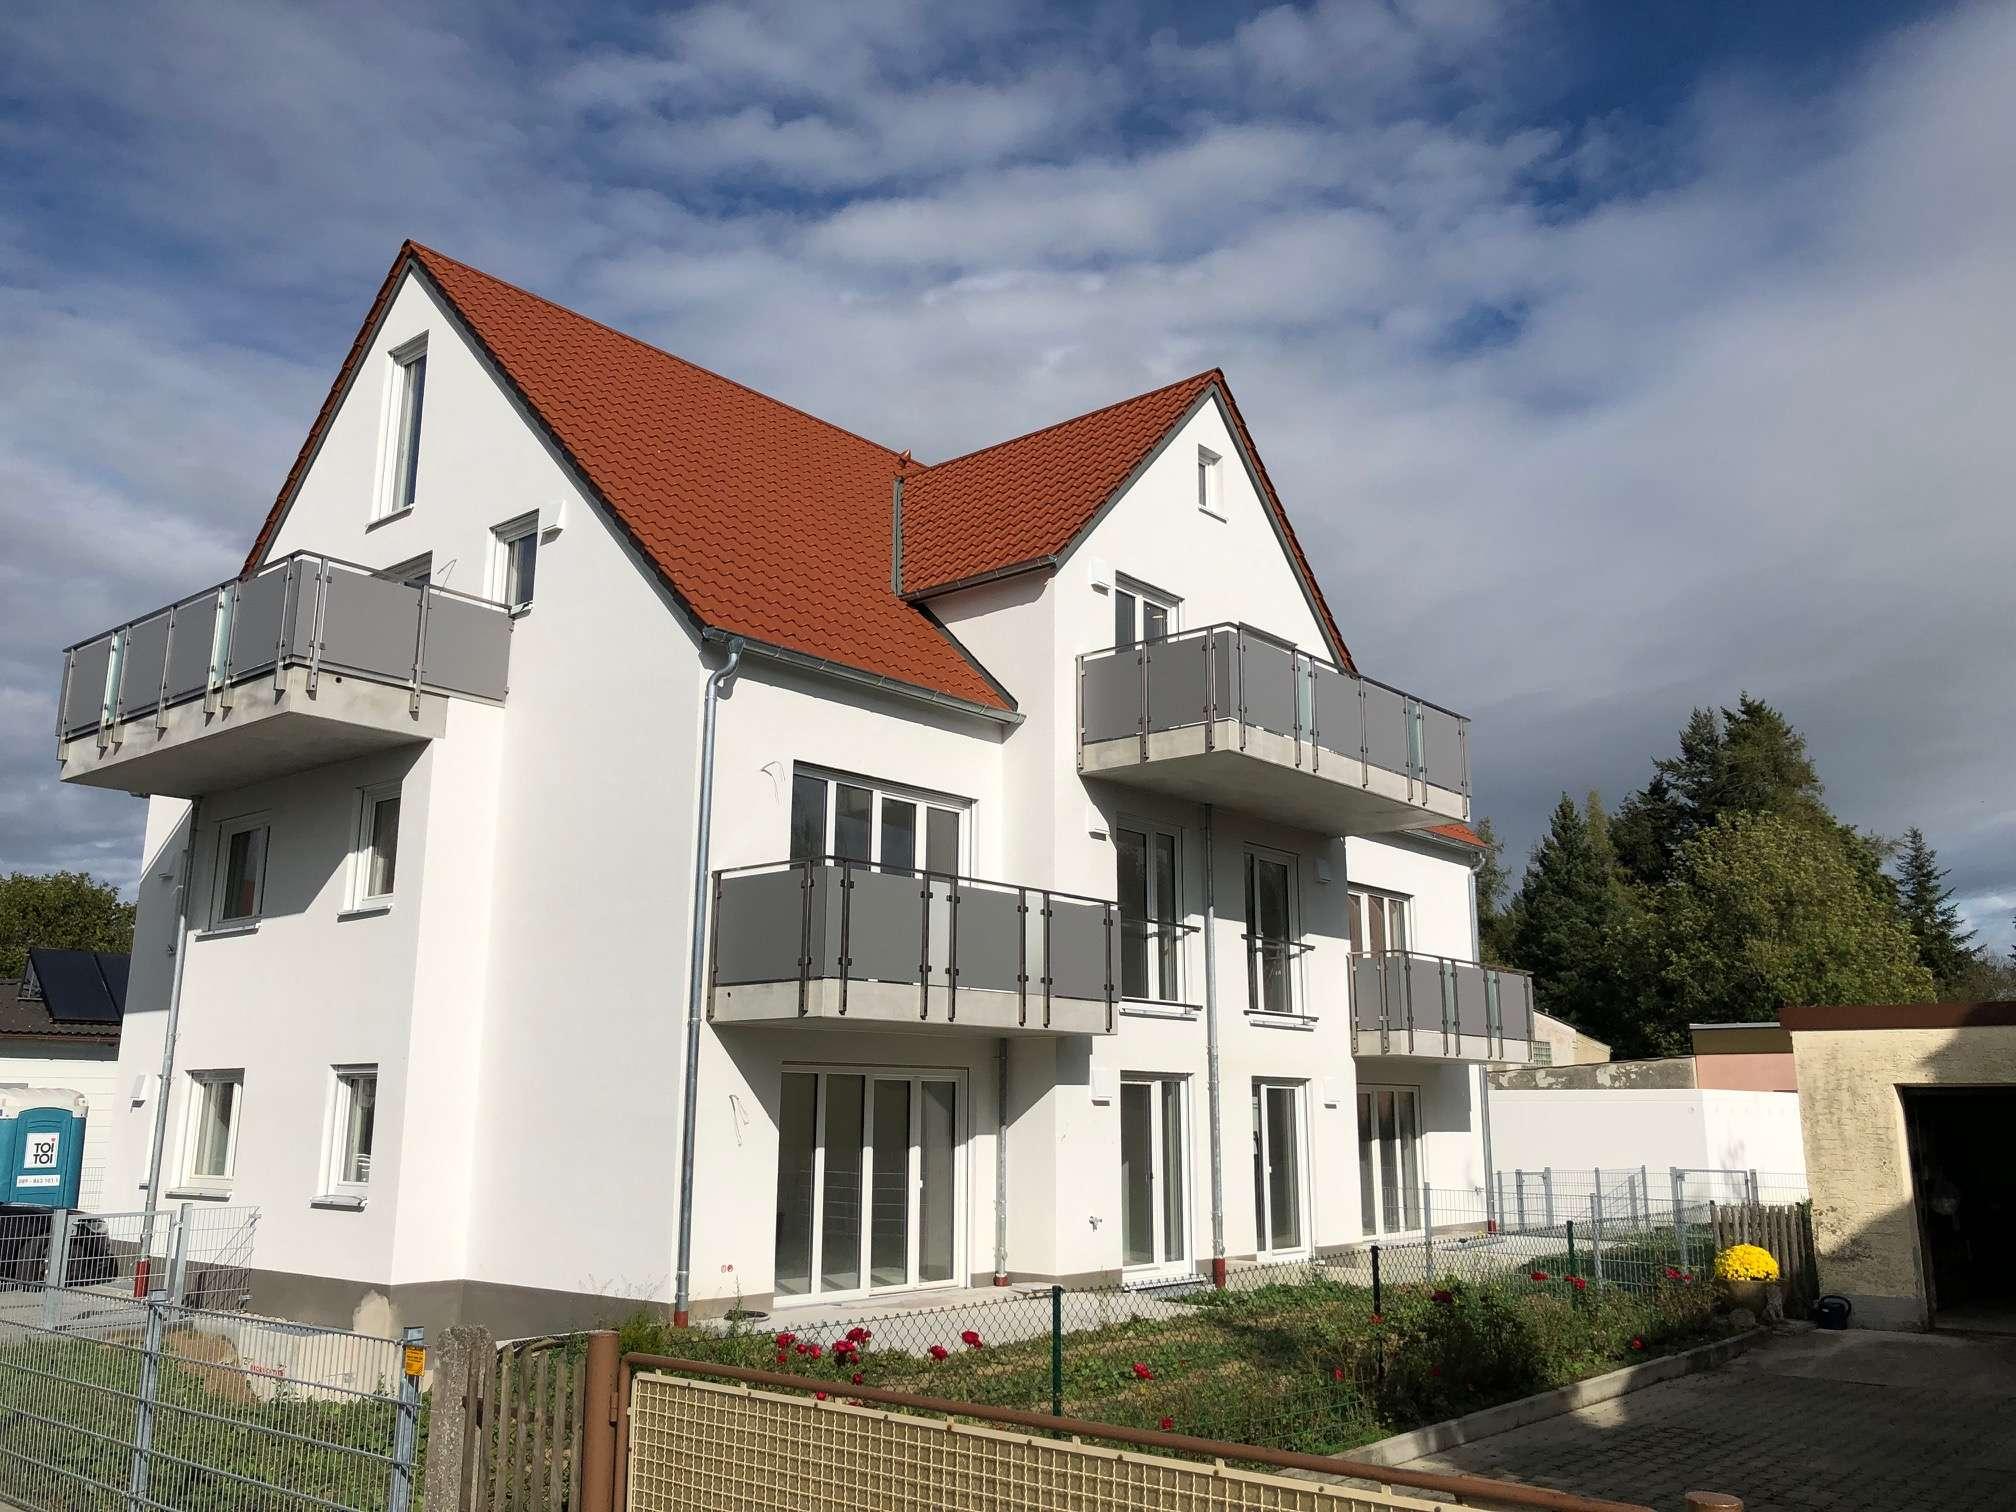 Erstbezug - Lichtdurchflutete 2-Zimmer-Komfortwohnung Klosterlechfeld in Klosterlechfeld